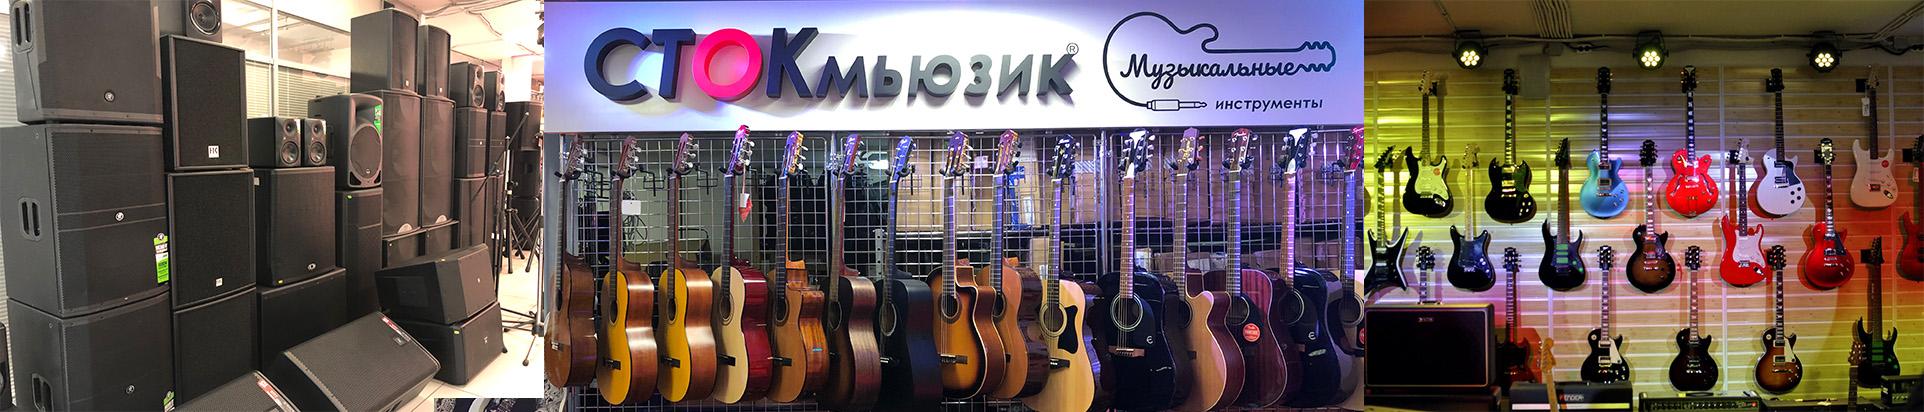 Музыкальный дисконт-центр